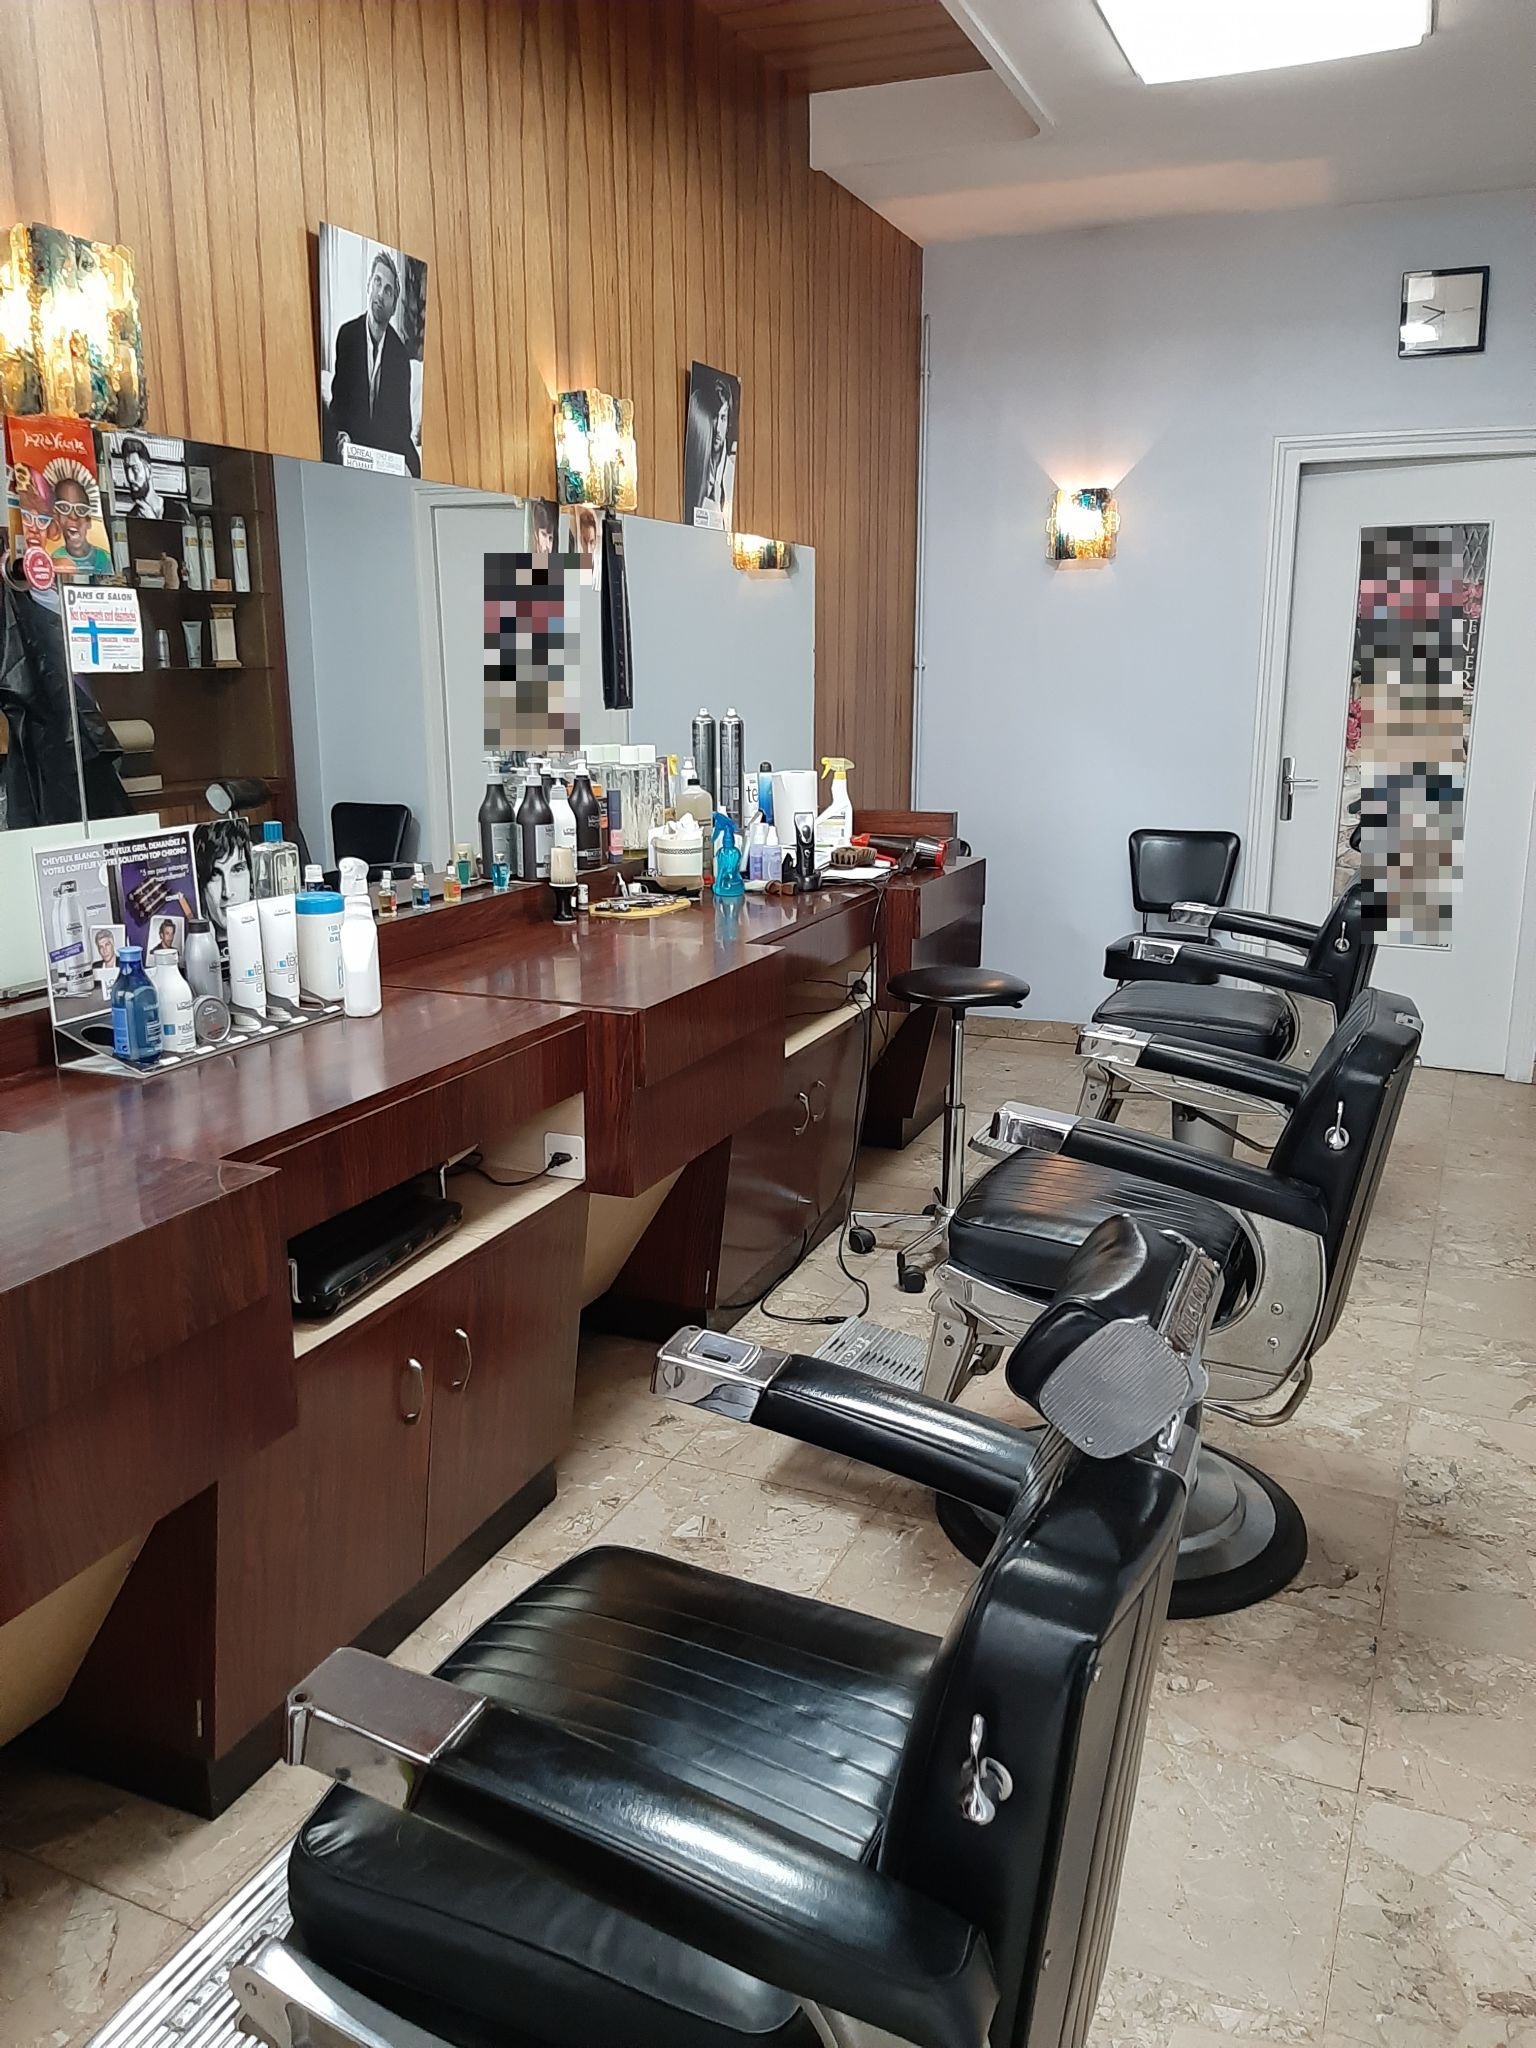 Vente Salon de coiffure hommes / barbier à Sainte-Colombe à proximité d'autres communes (69560)